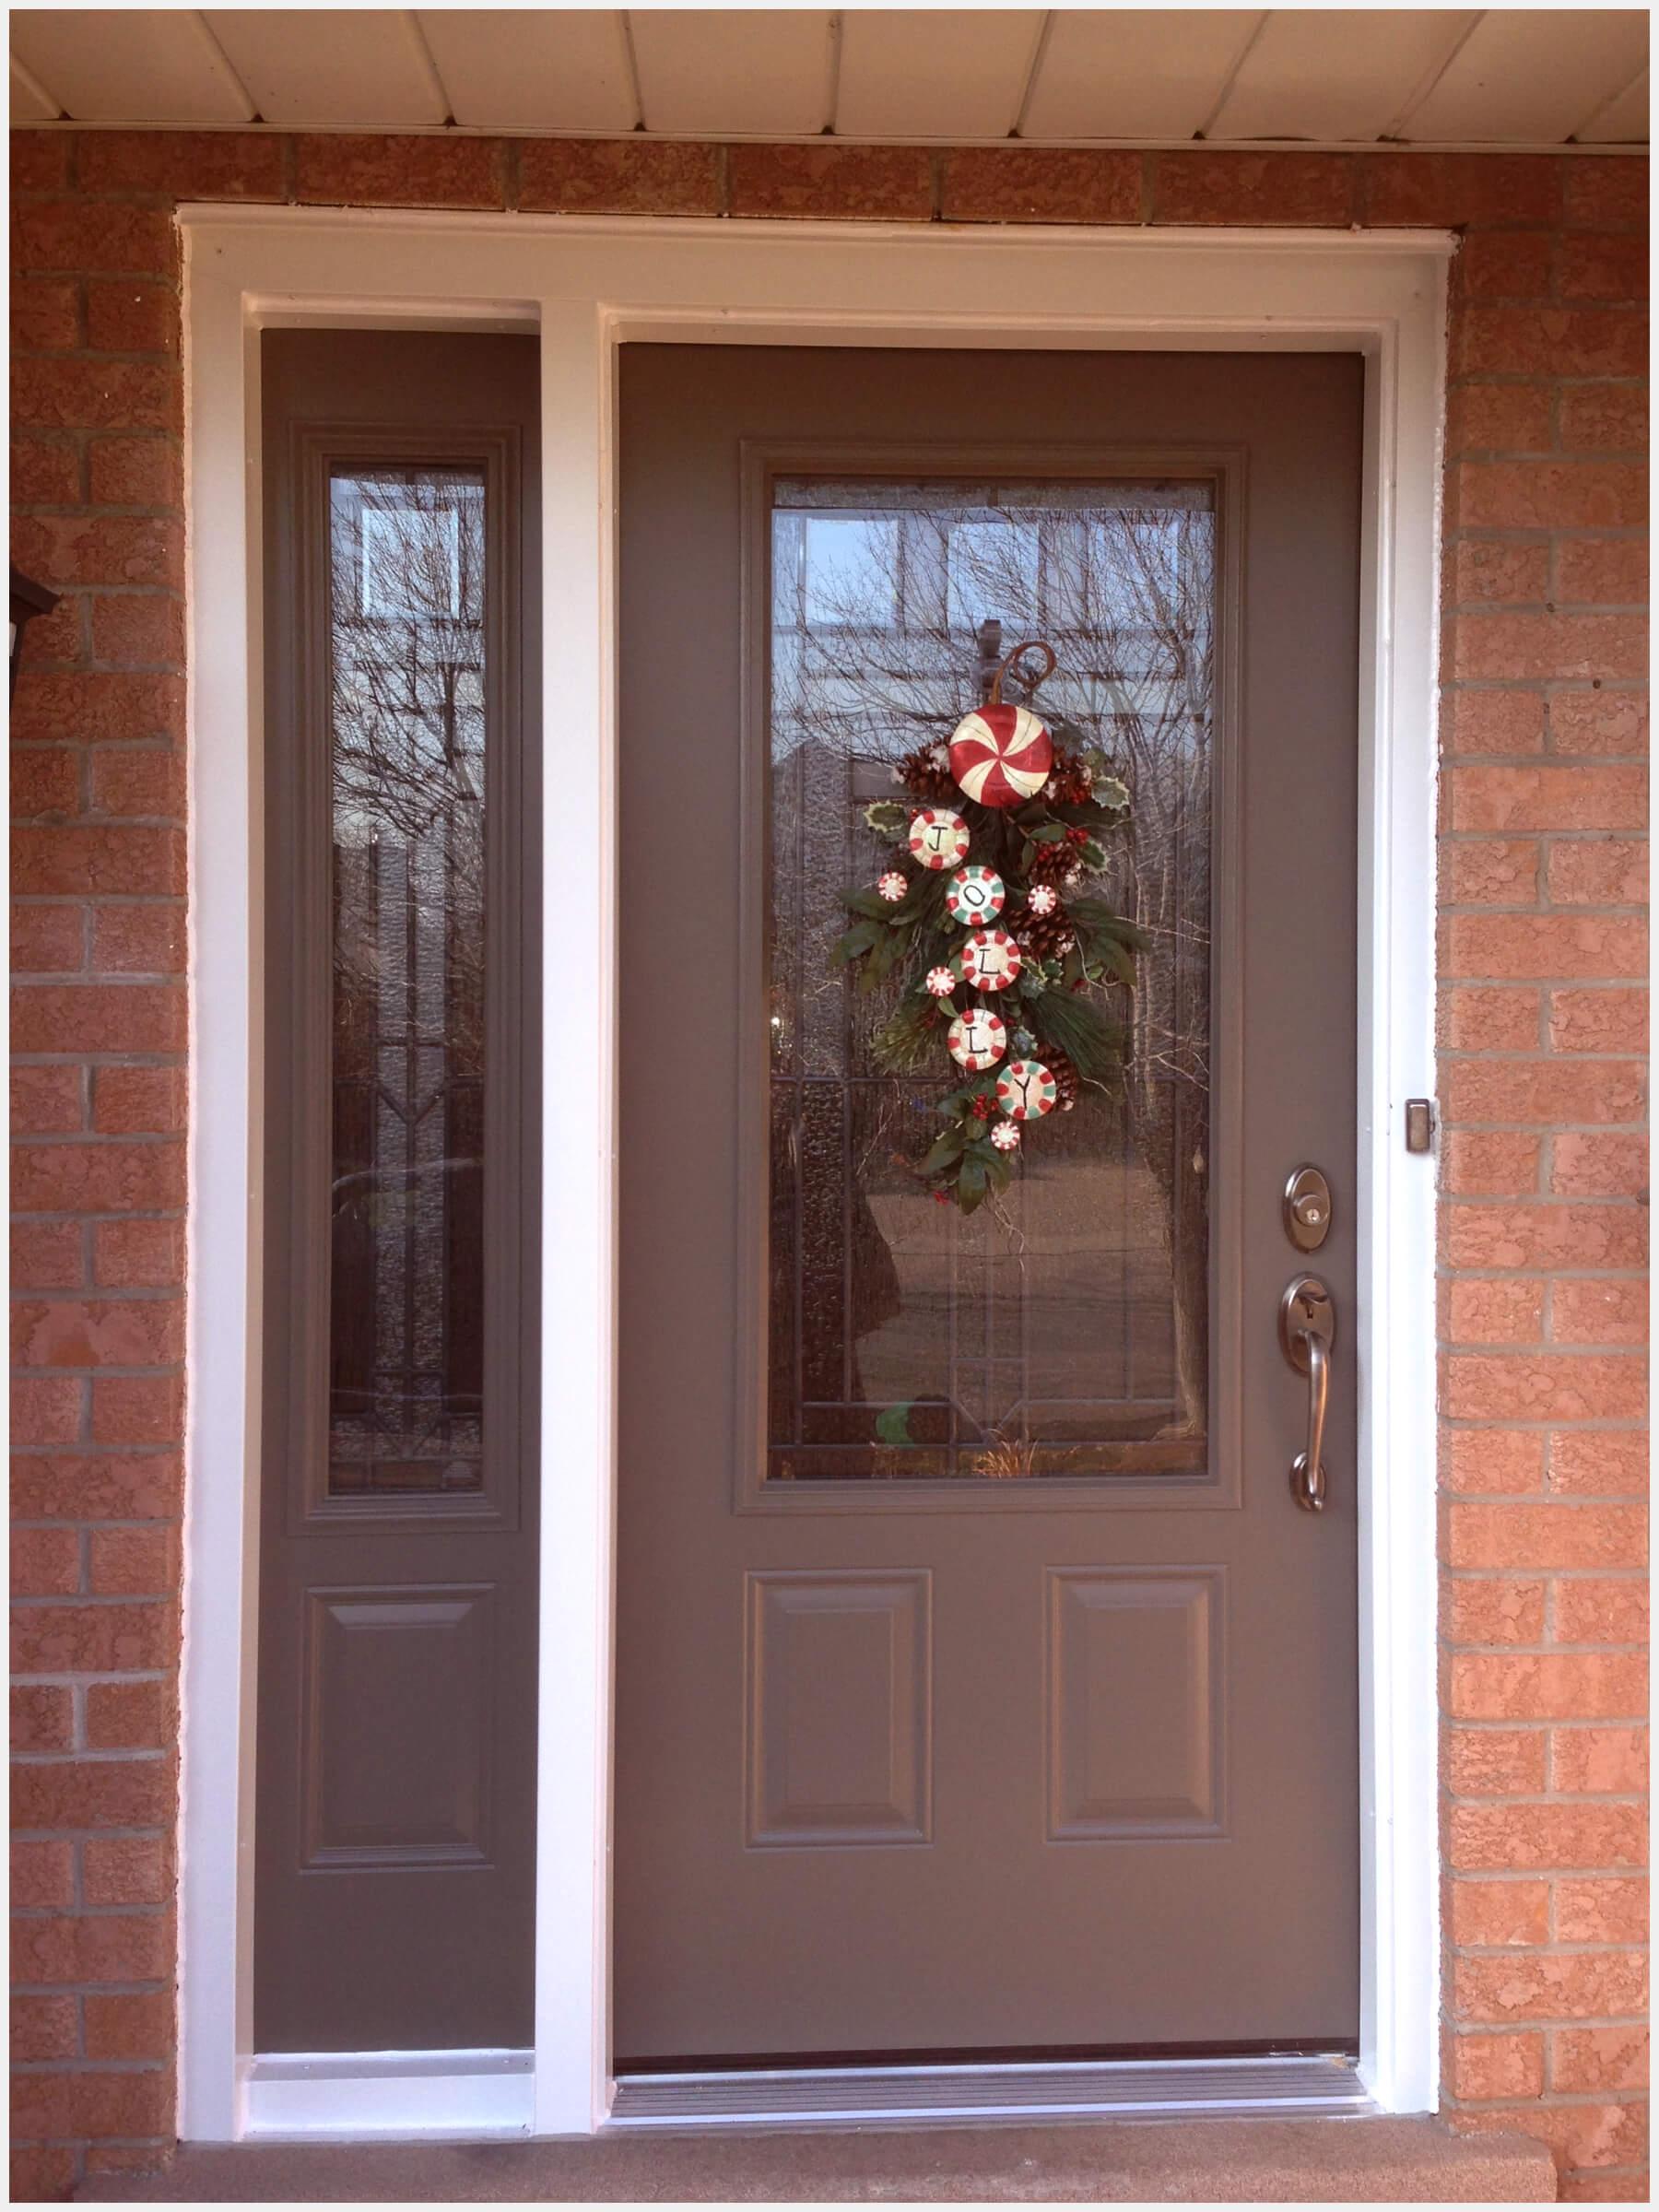 2400 #8F553C Entry Door 004.jpg wallpaper Premium Fiberglass Entry Doors 39251800